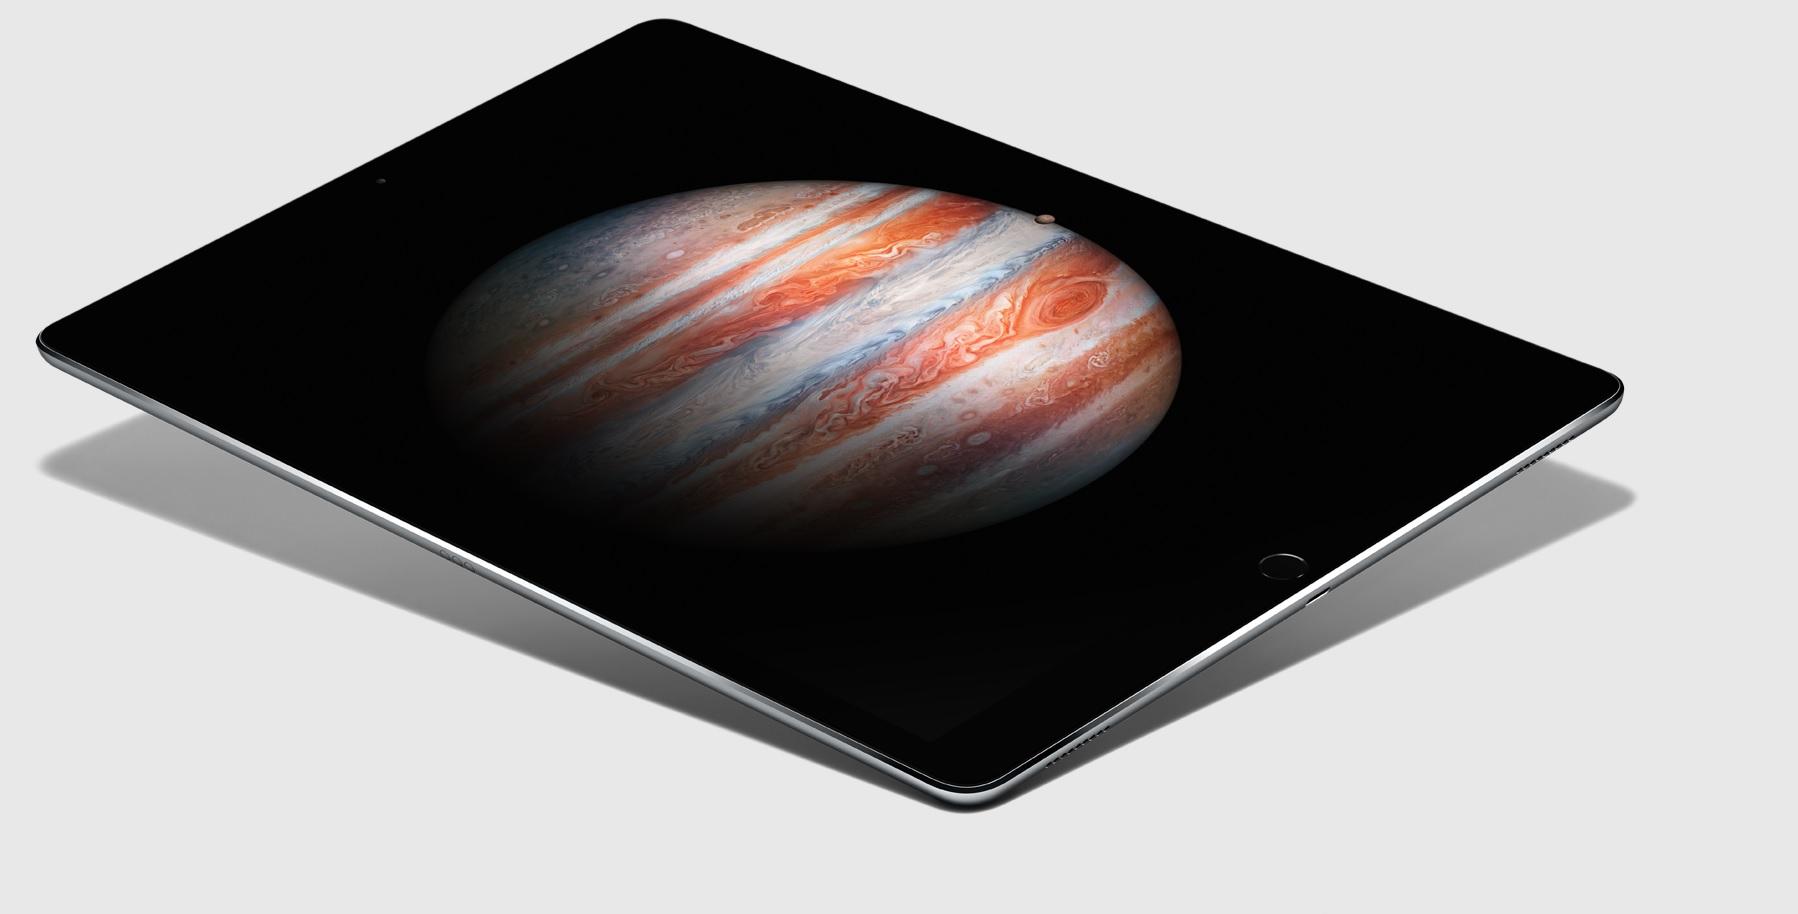 iPad Pro er Apples nyeste produkt, og den kjappeste iOS-enheten noensinne takket være A9X-brikken og 4GB RAM.